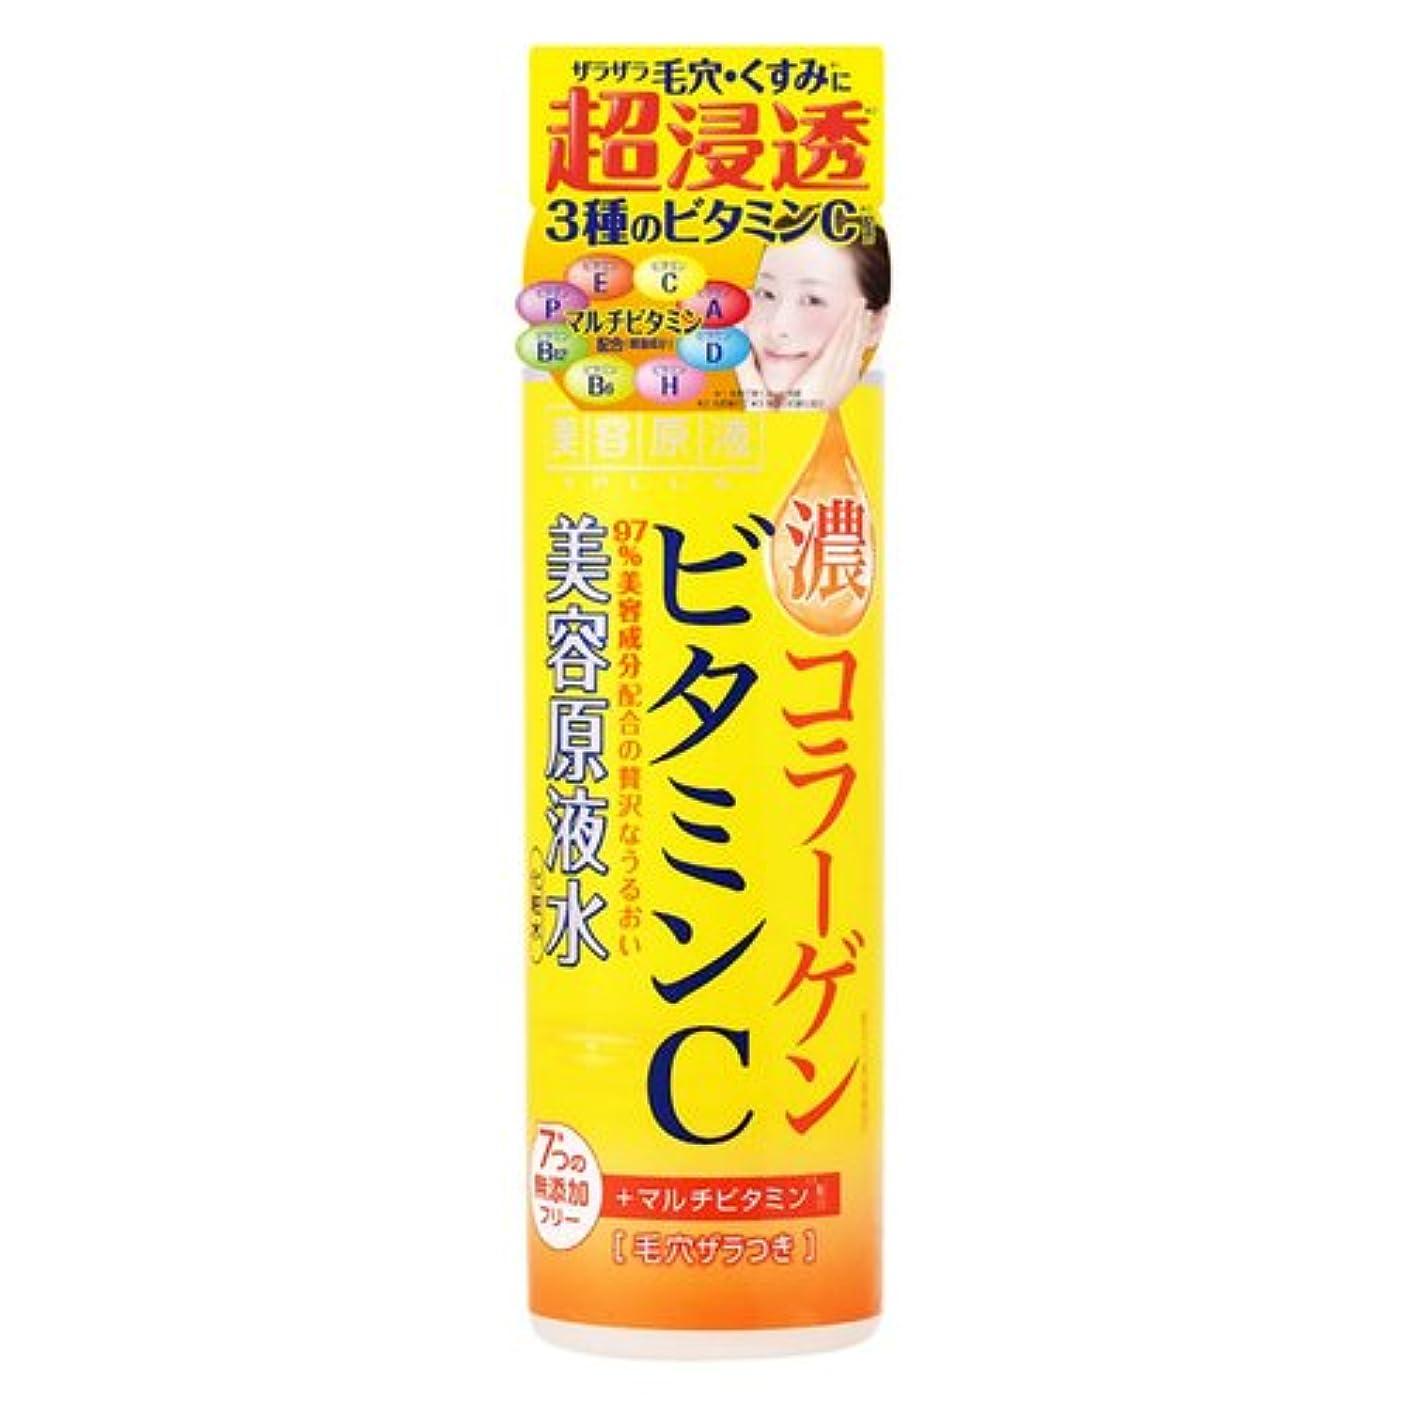 外交今意志美容原液 超潤化粧水VC 185mL